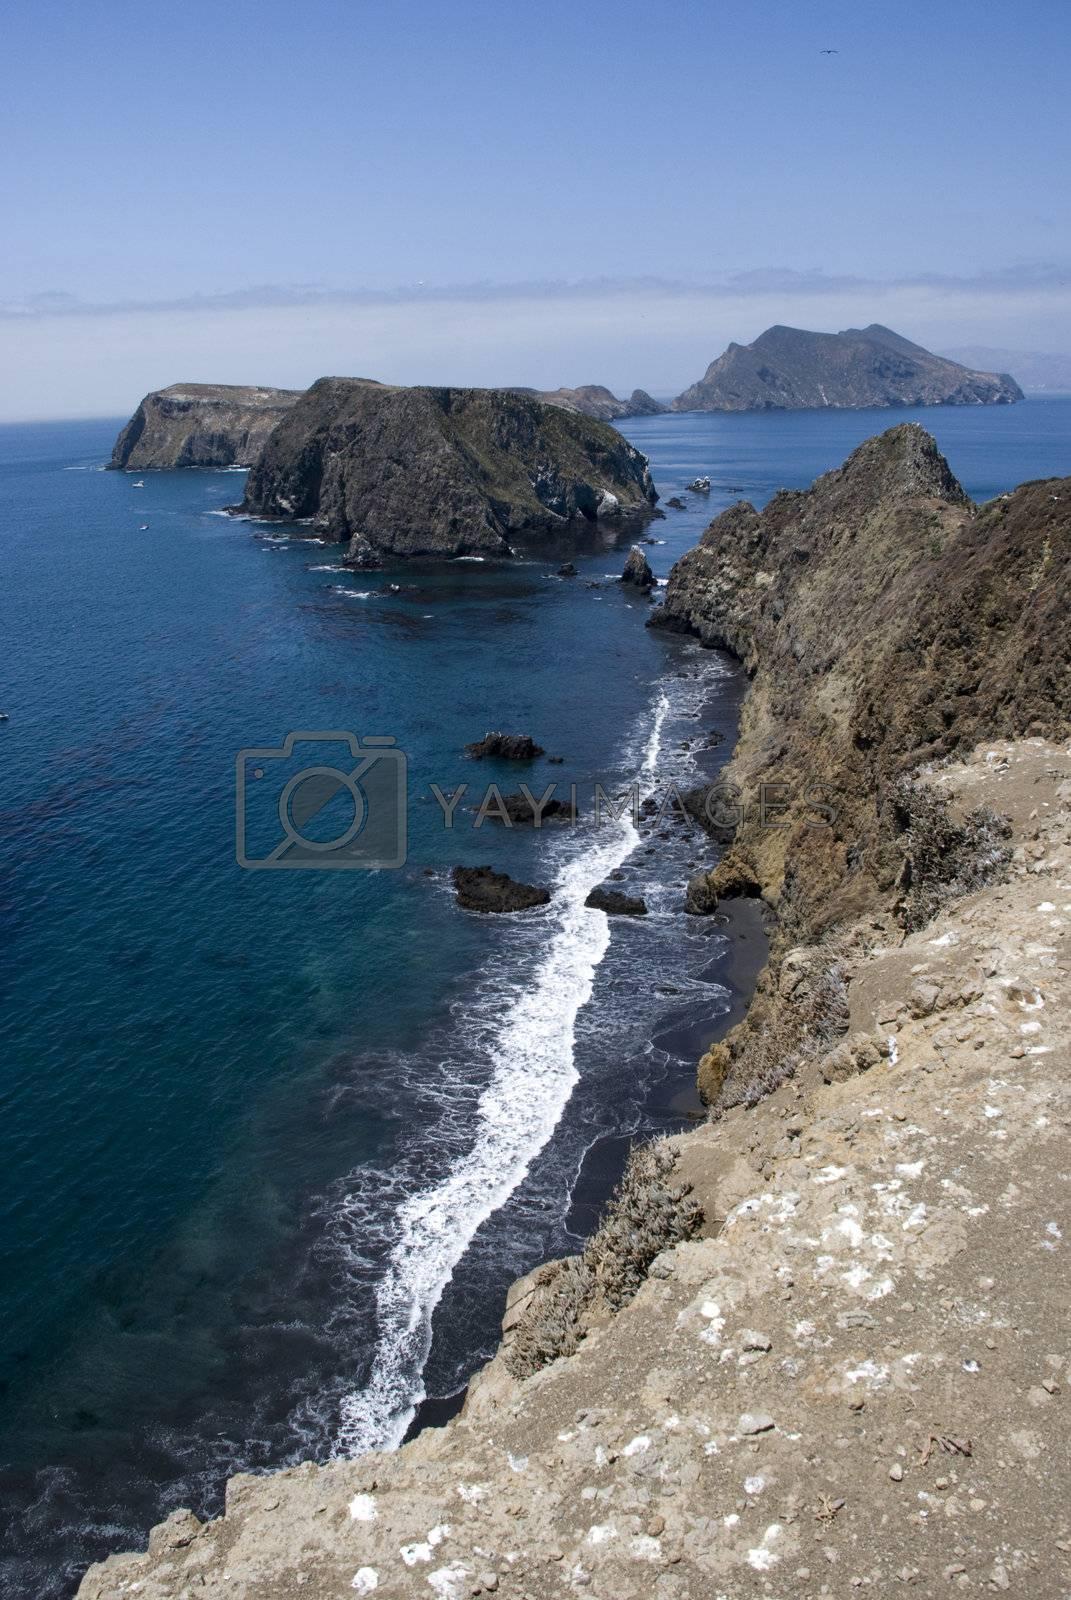 Royalty free image of Paradise by omairkha